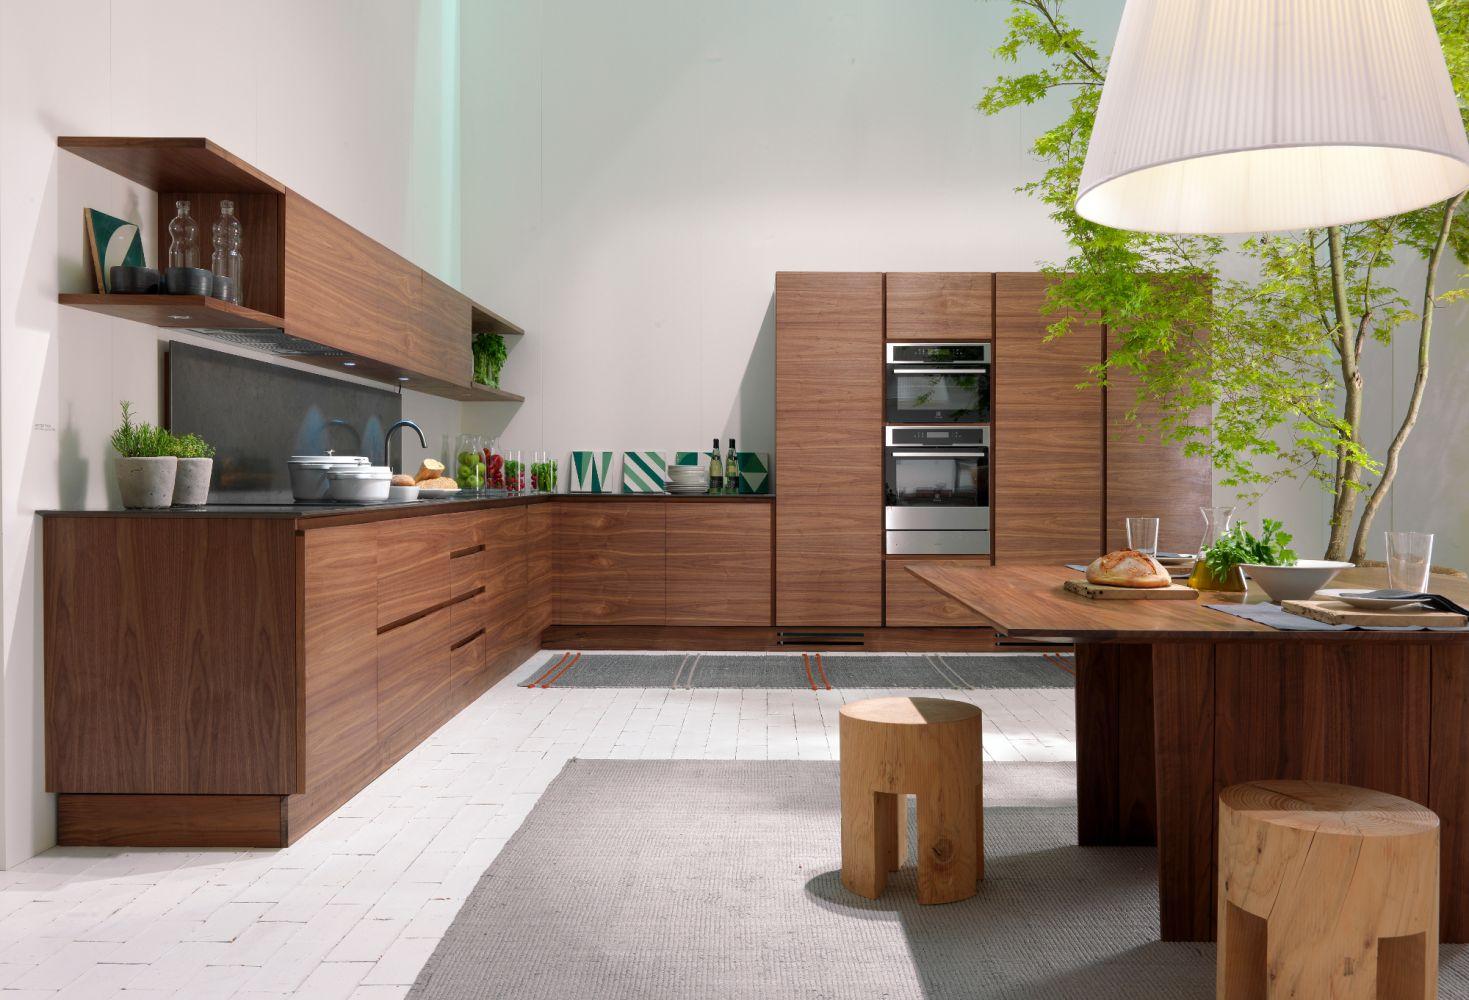 Cucina Matteo Thun